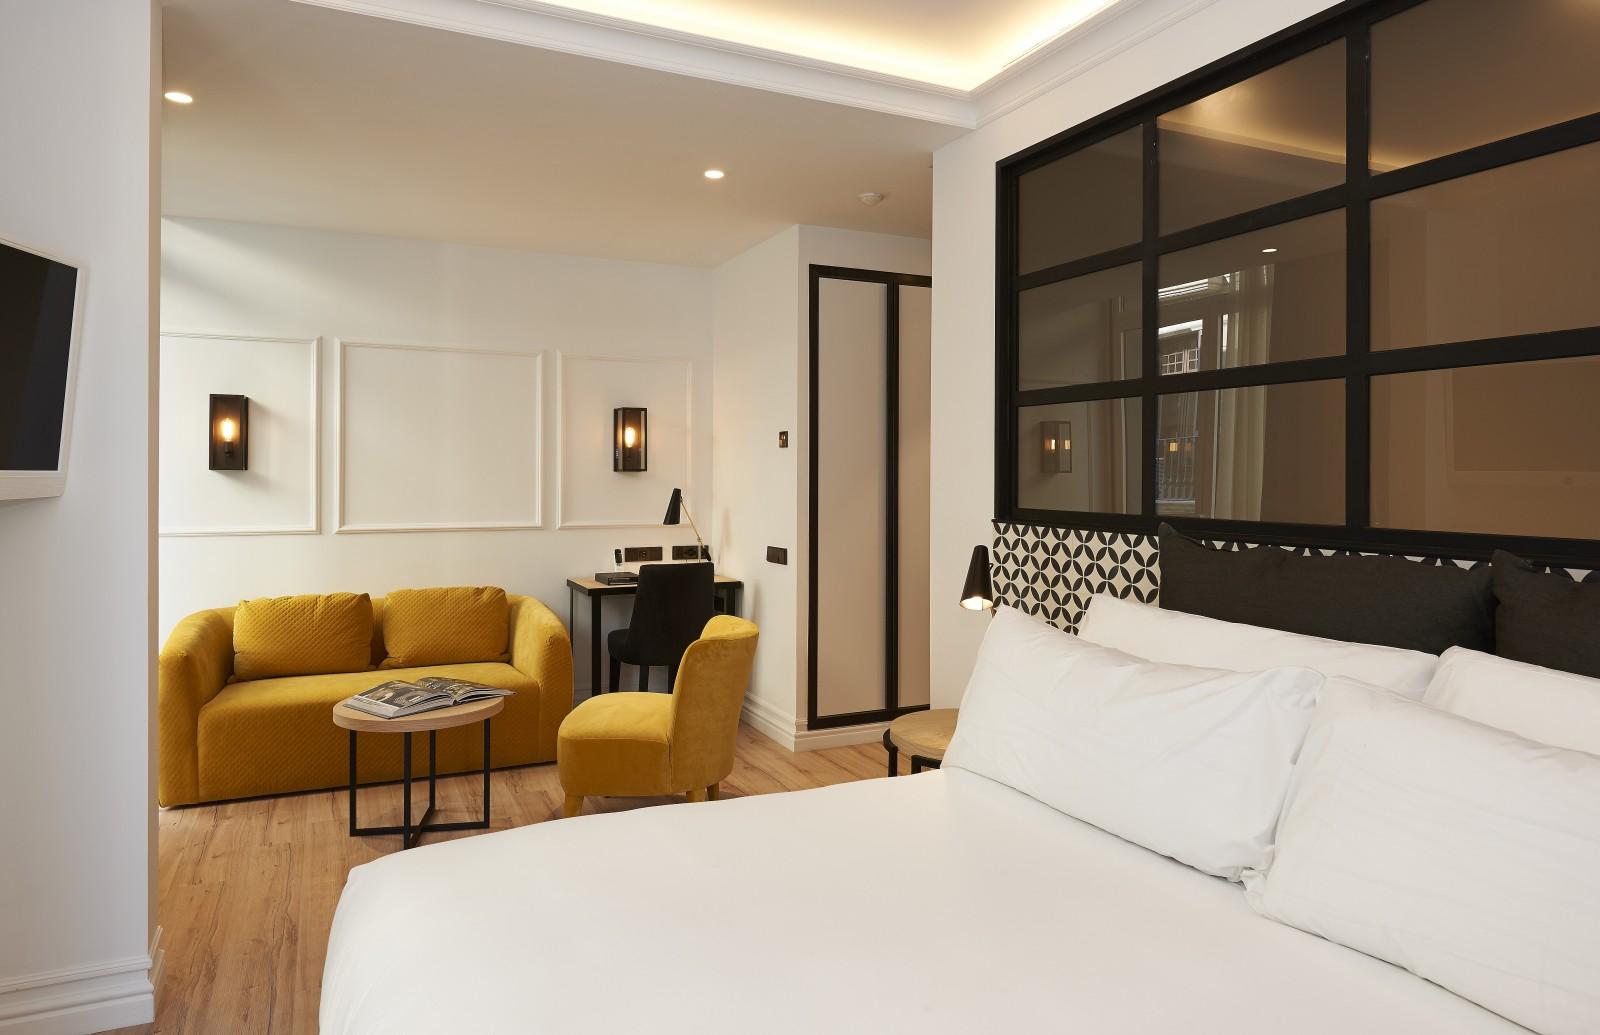 The Serras Hotel in Barcelona  Inrichtinghuiscom